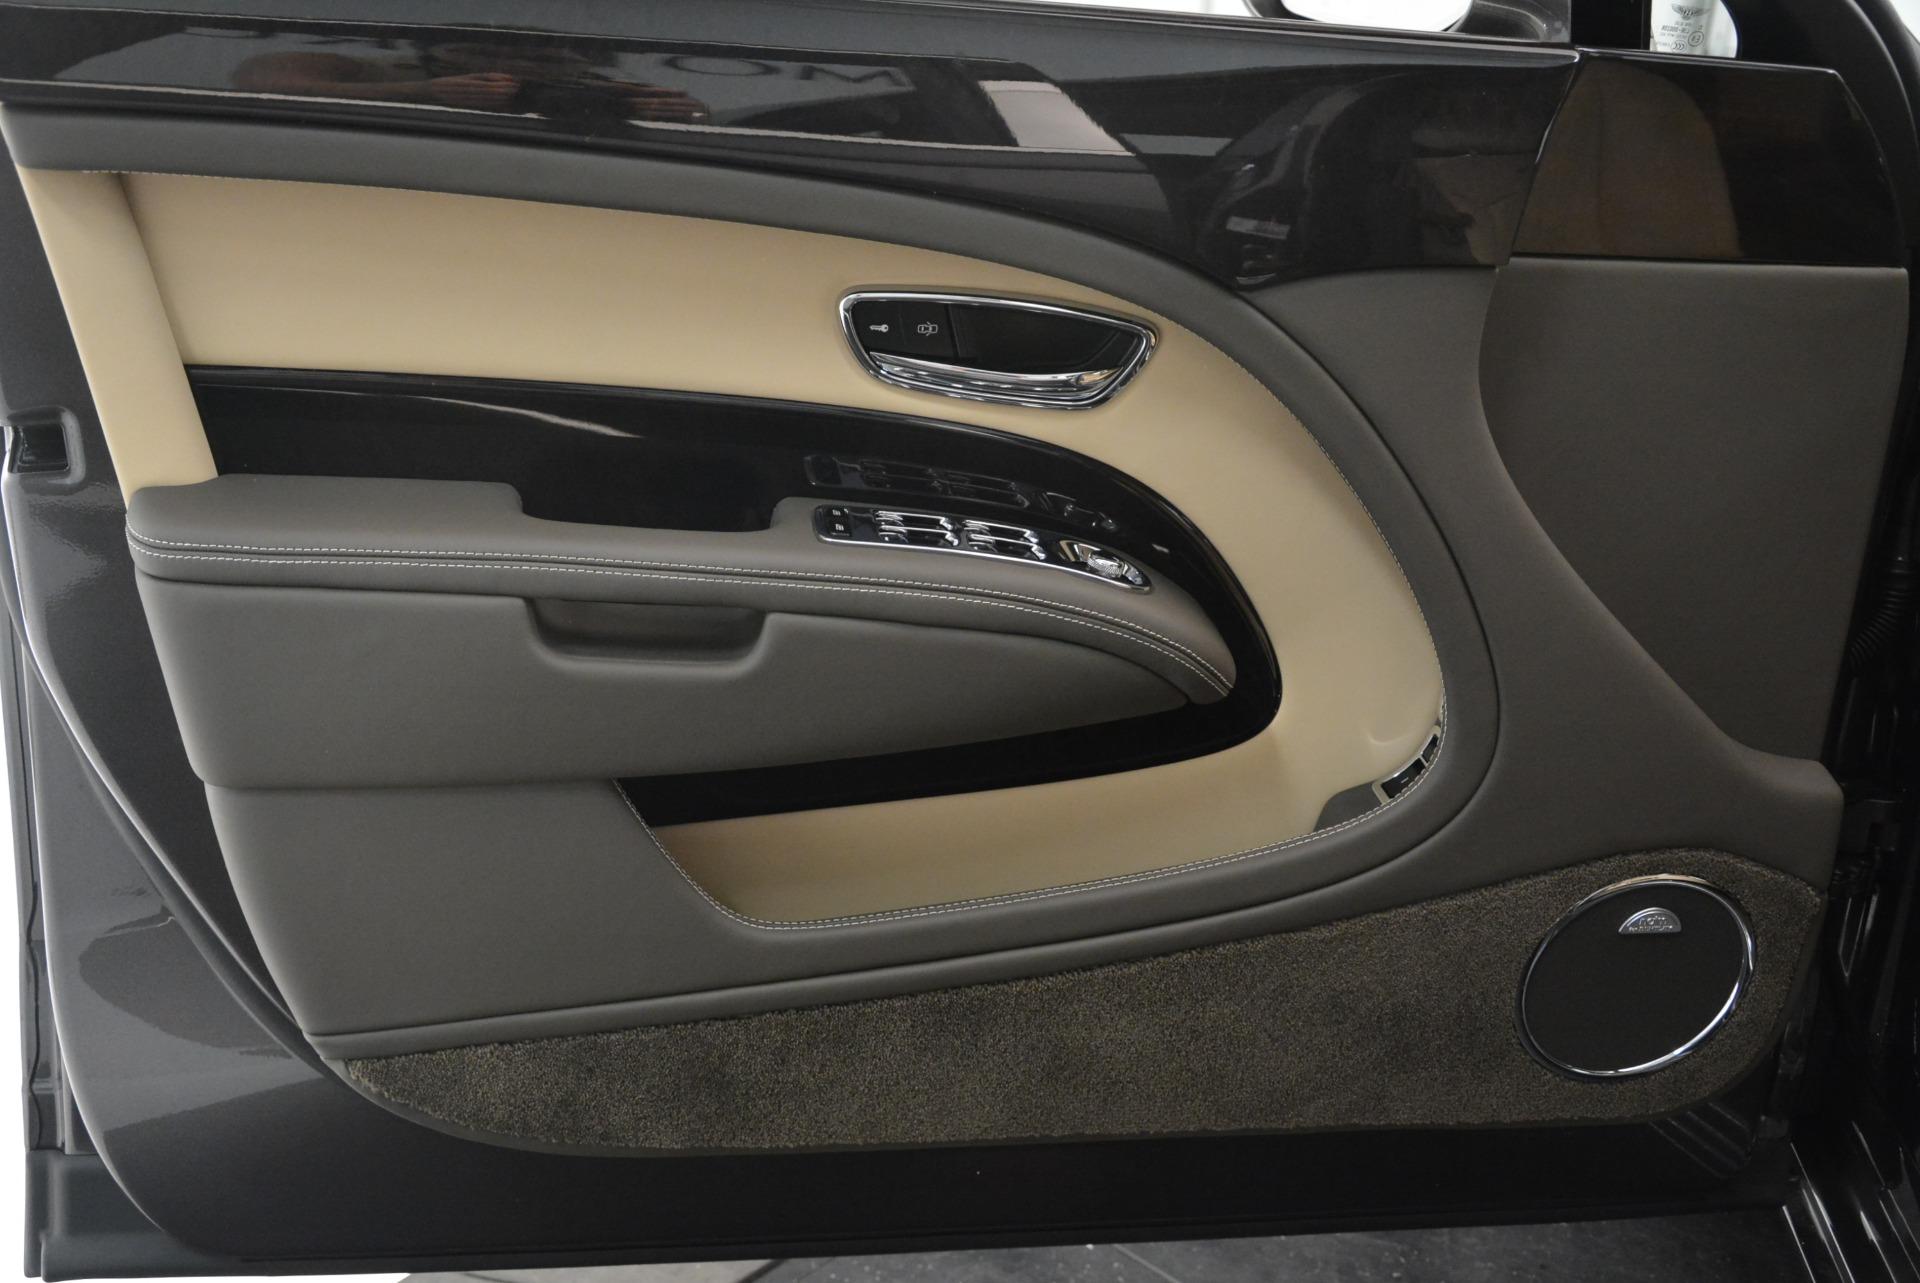 Used 2017 Bentley Mulsanne EWB For Sale In Westport, CT 1554_p8